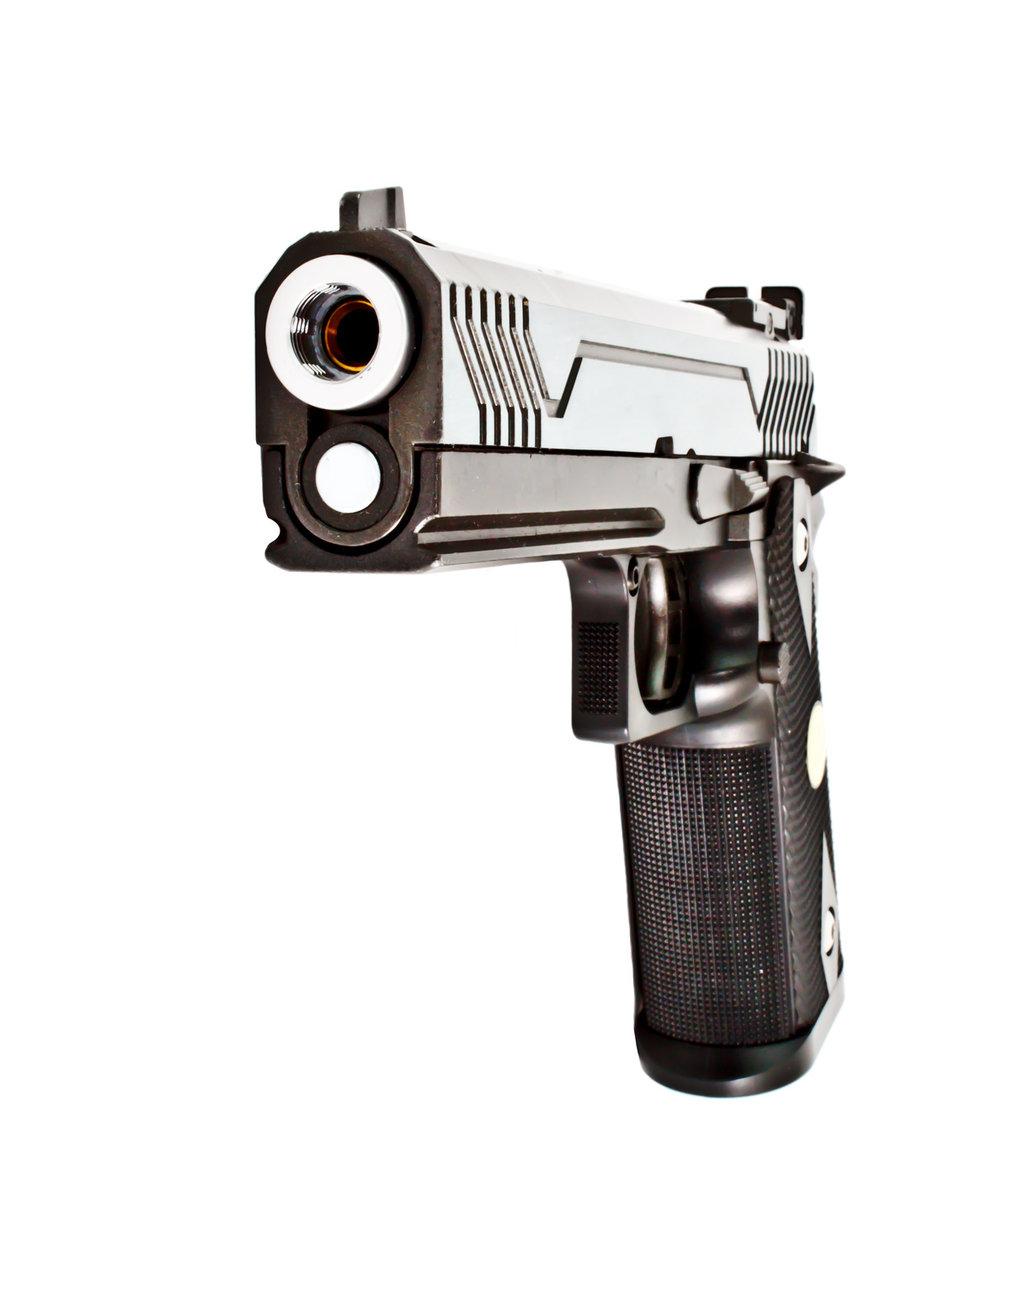 quality ar15 parts gun parts amp accessories reviews